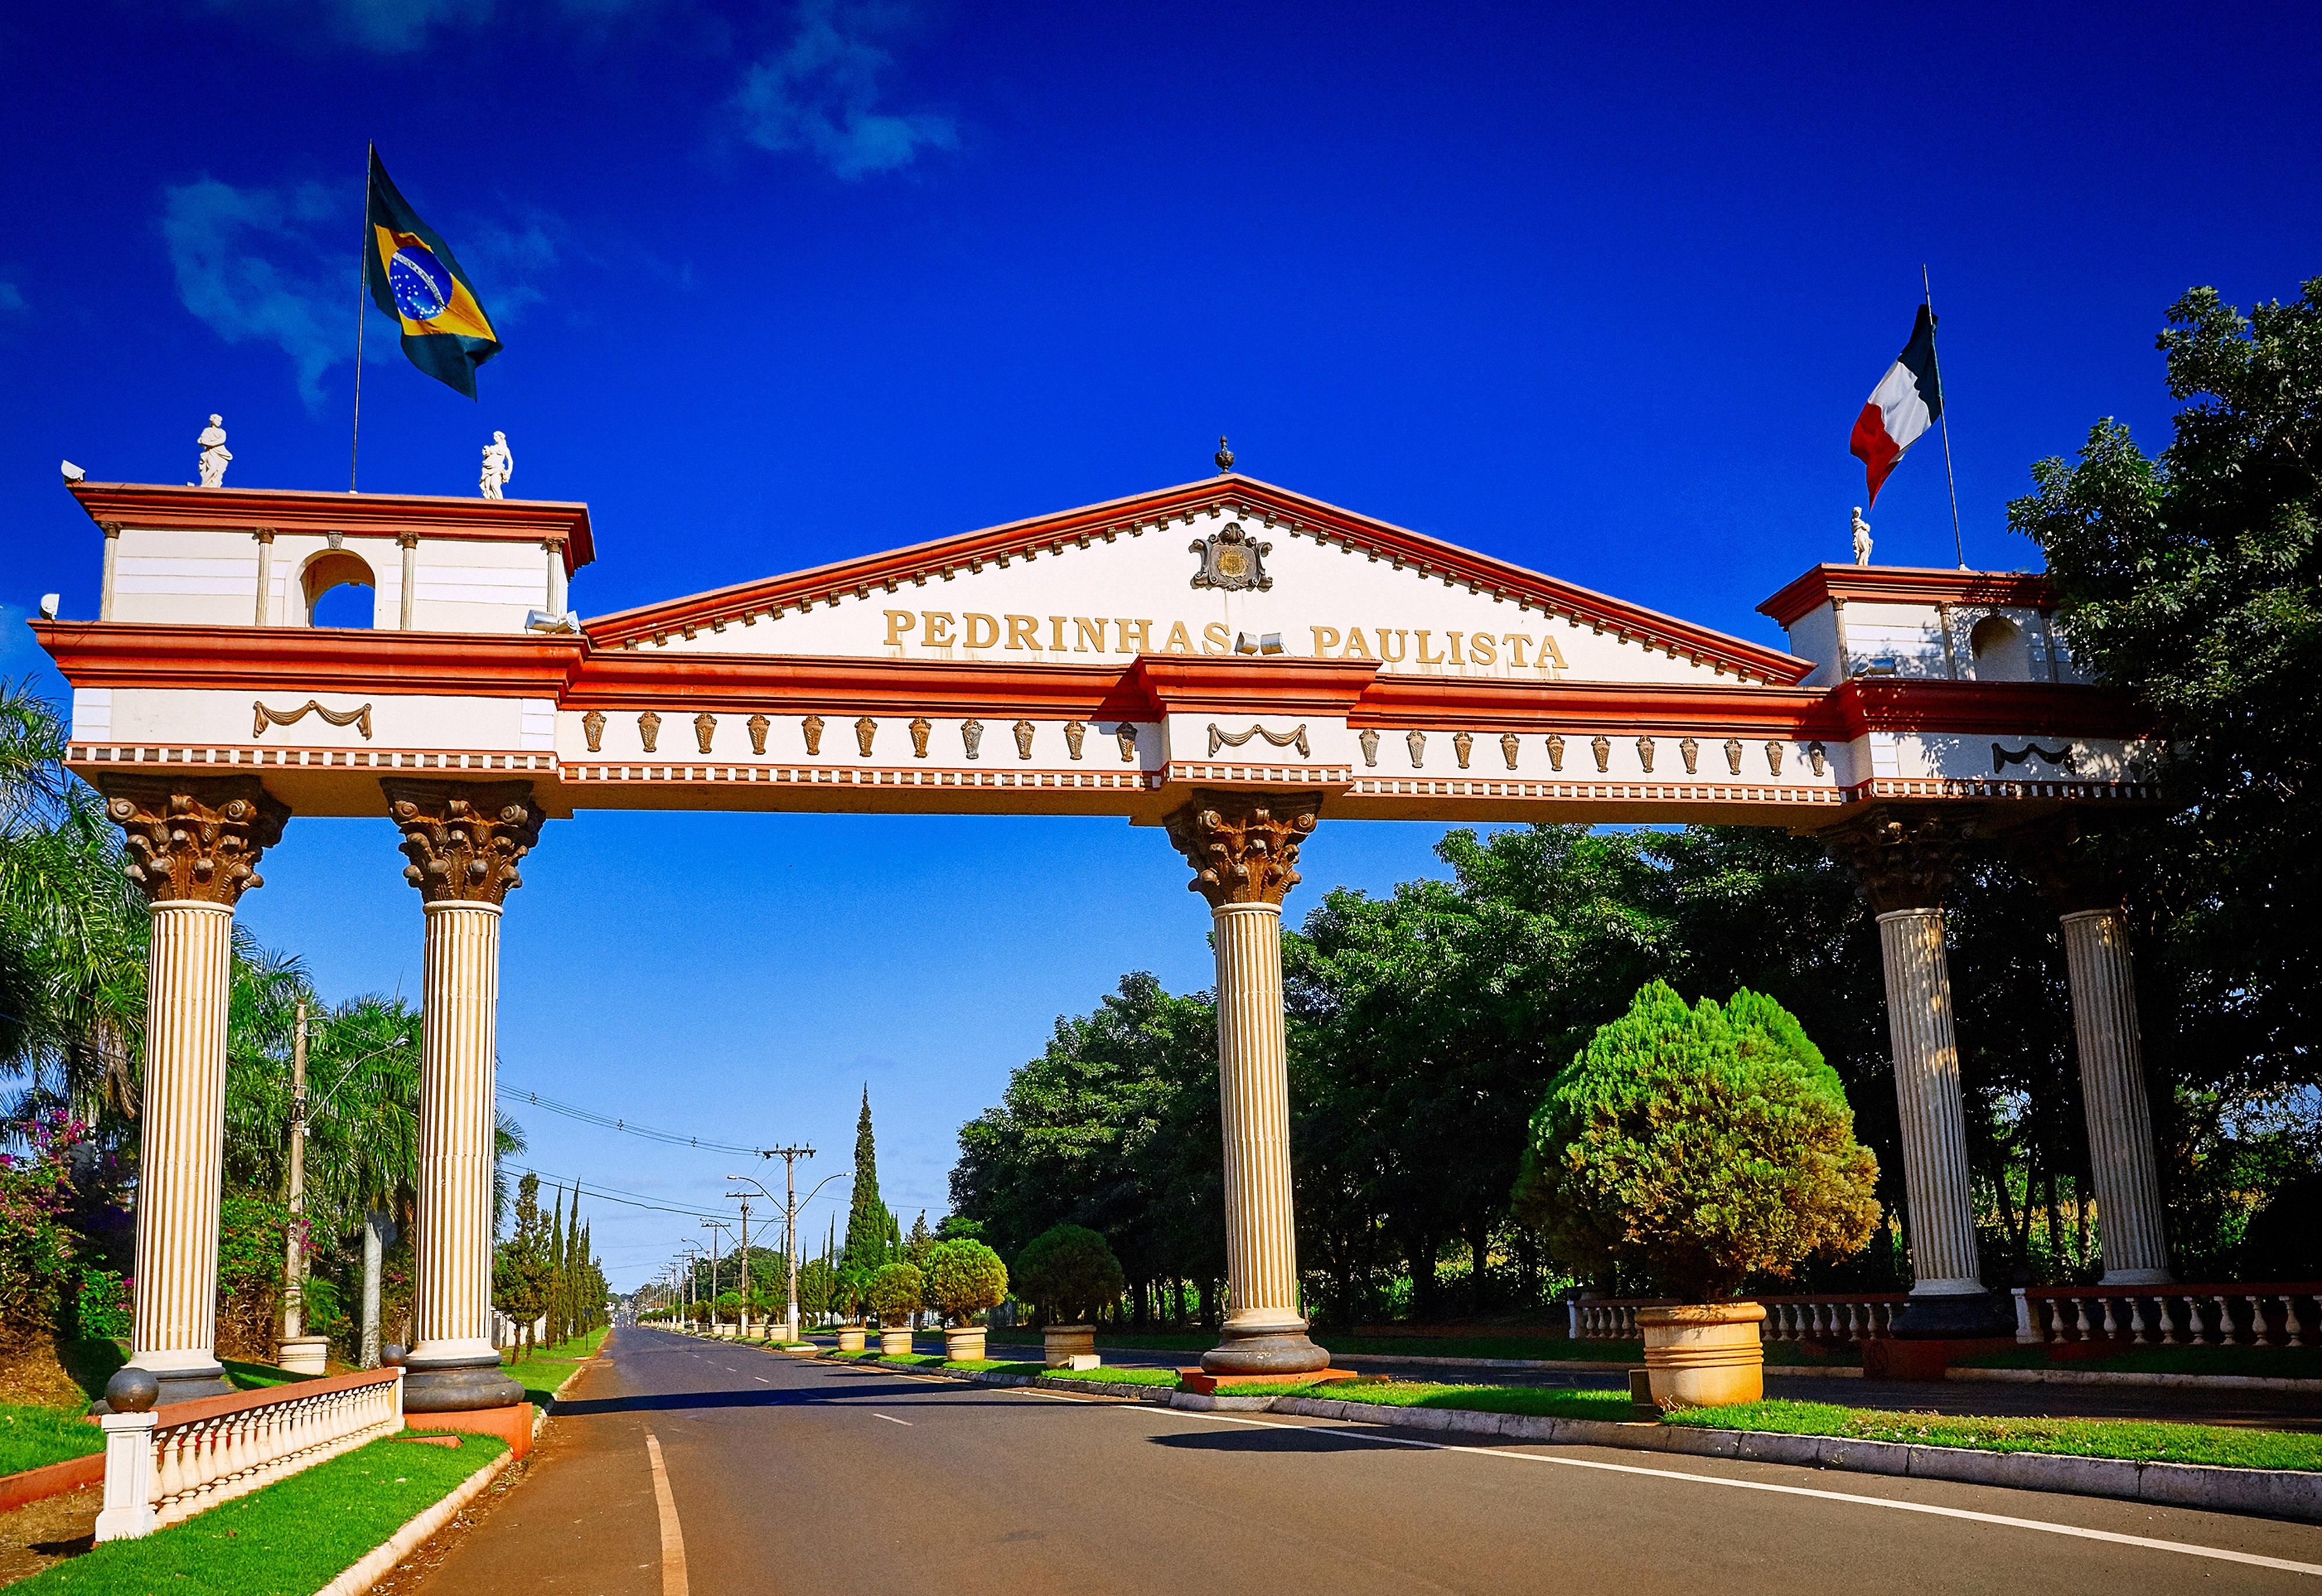 Prefeitura de Pedrinhas Paulista abre hoje programação de aniversário do município